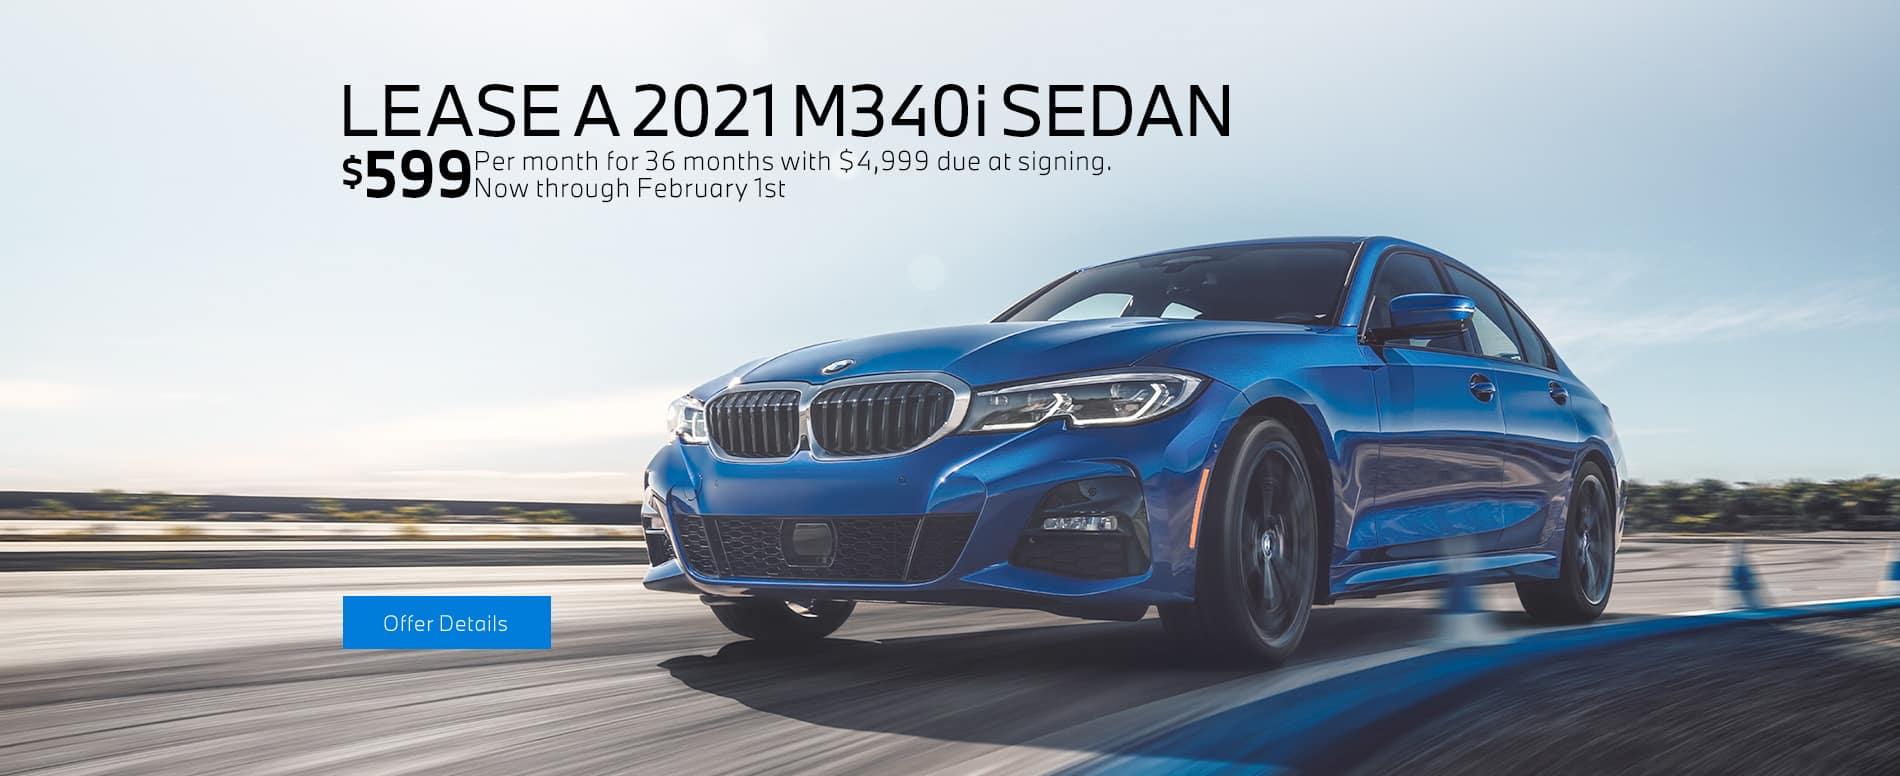 LEASE A 2021 M340i SEDAN